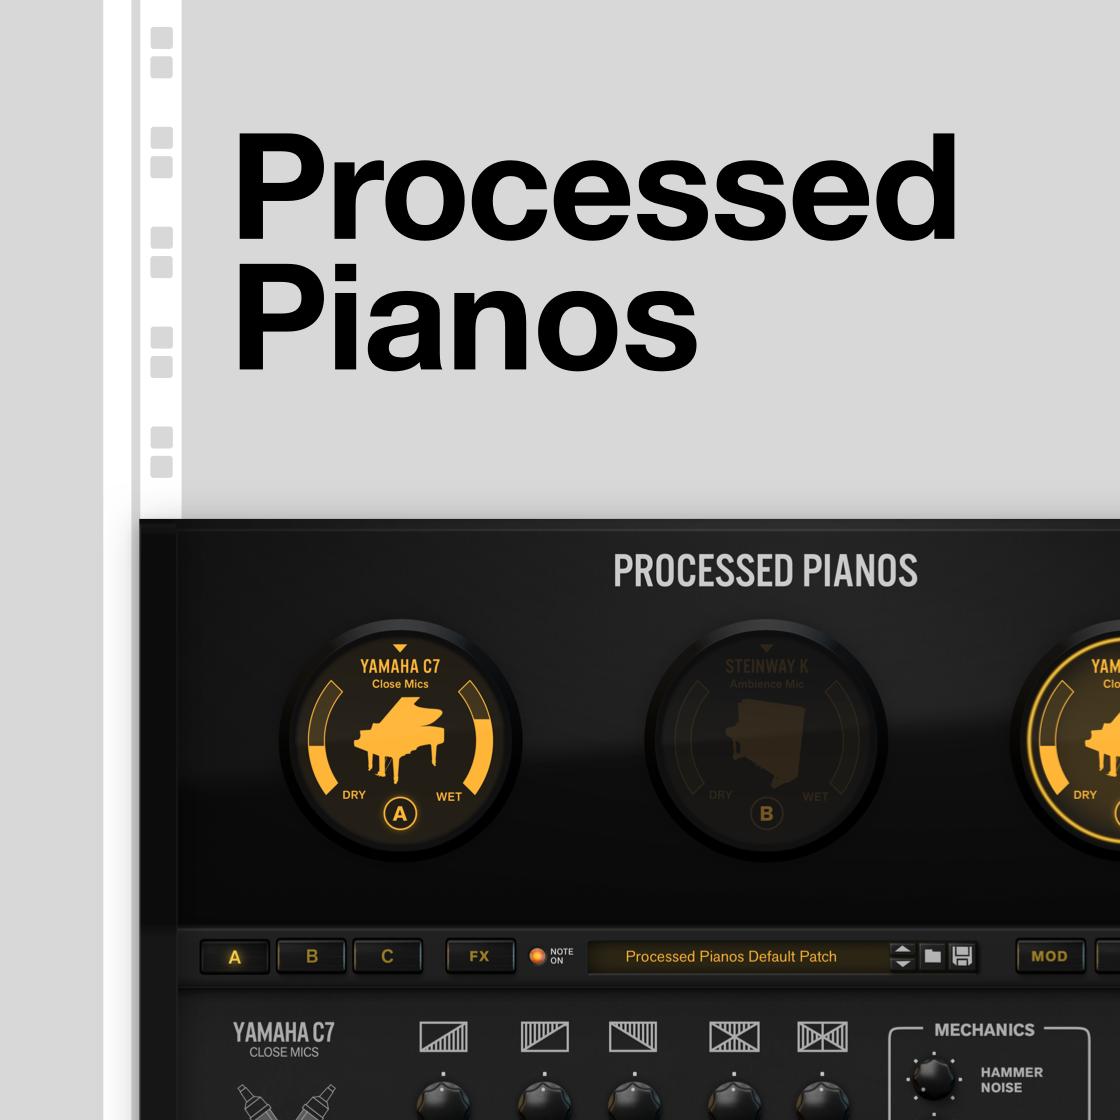 Processed Pianos